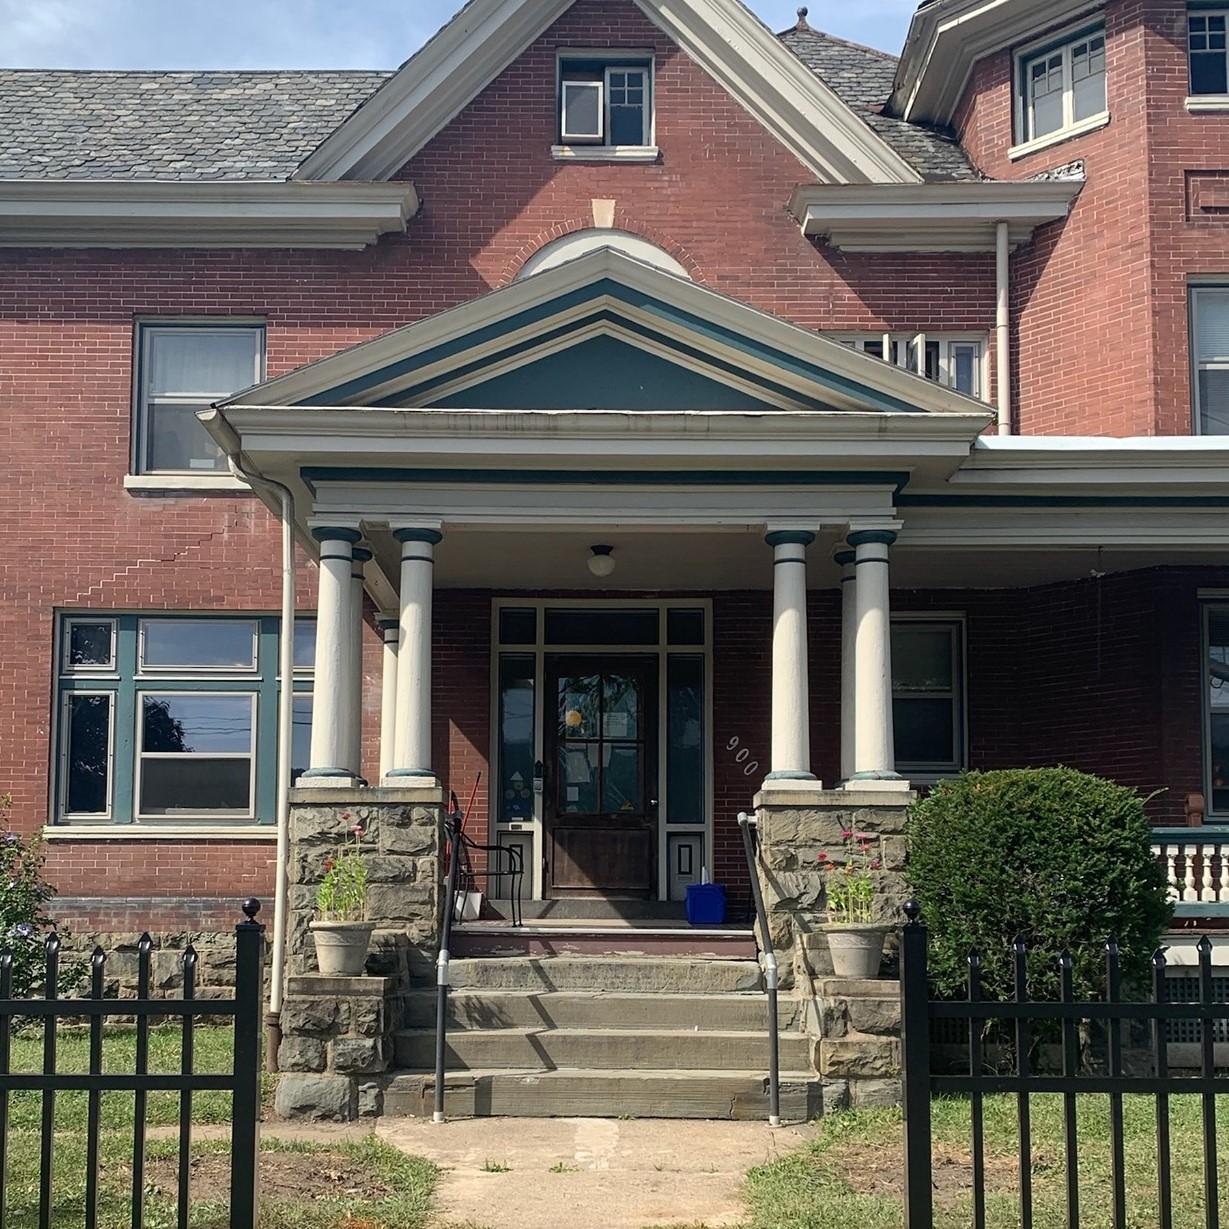 Transitional Living Center For Women